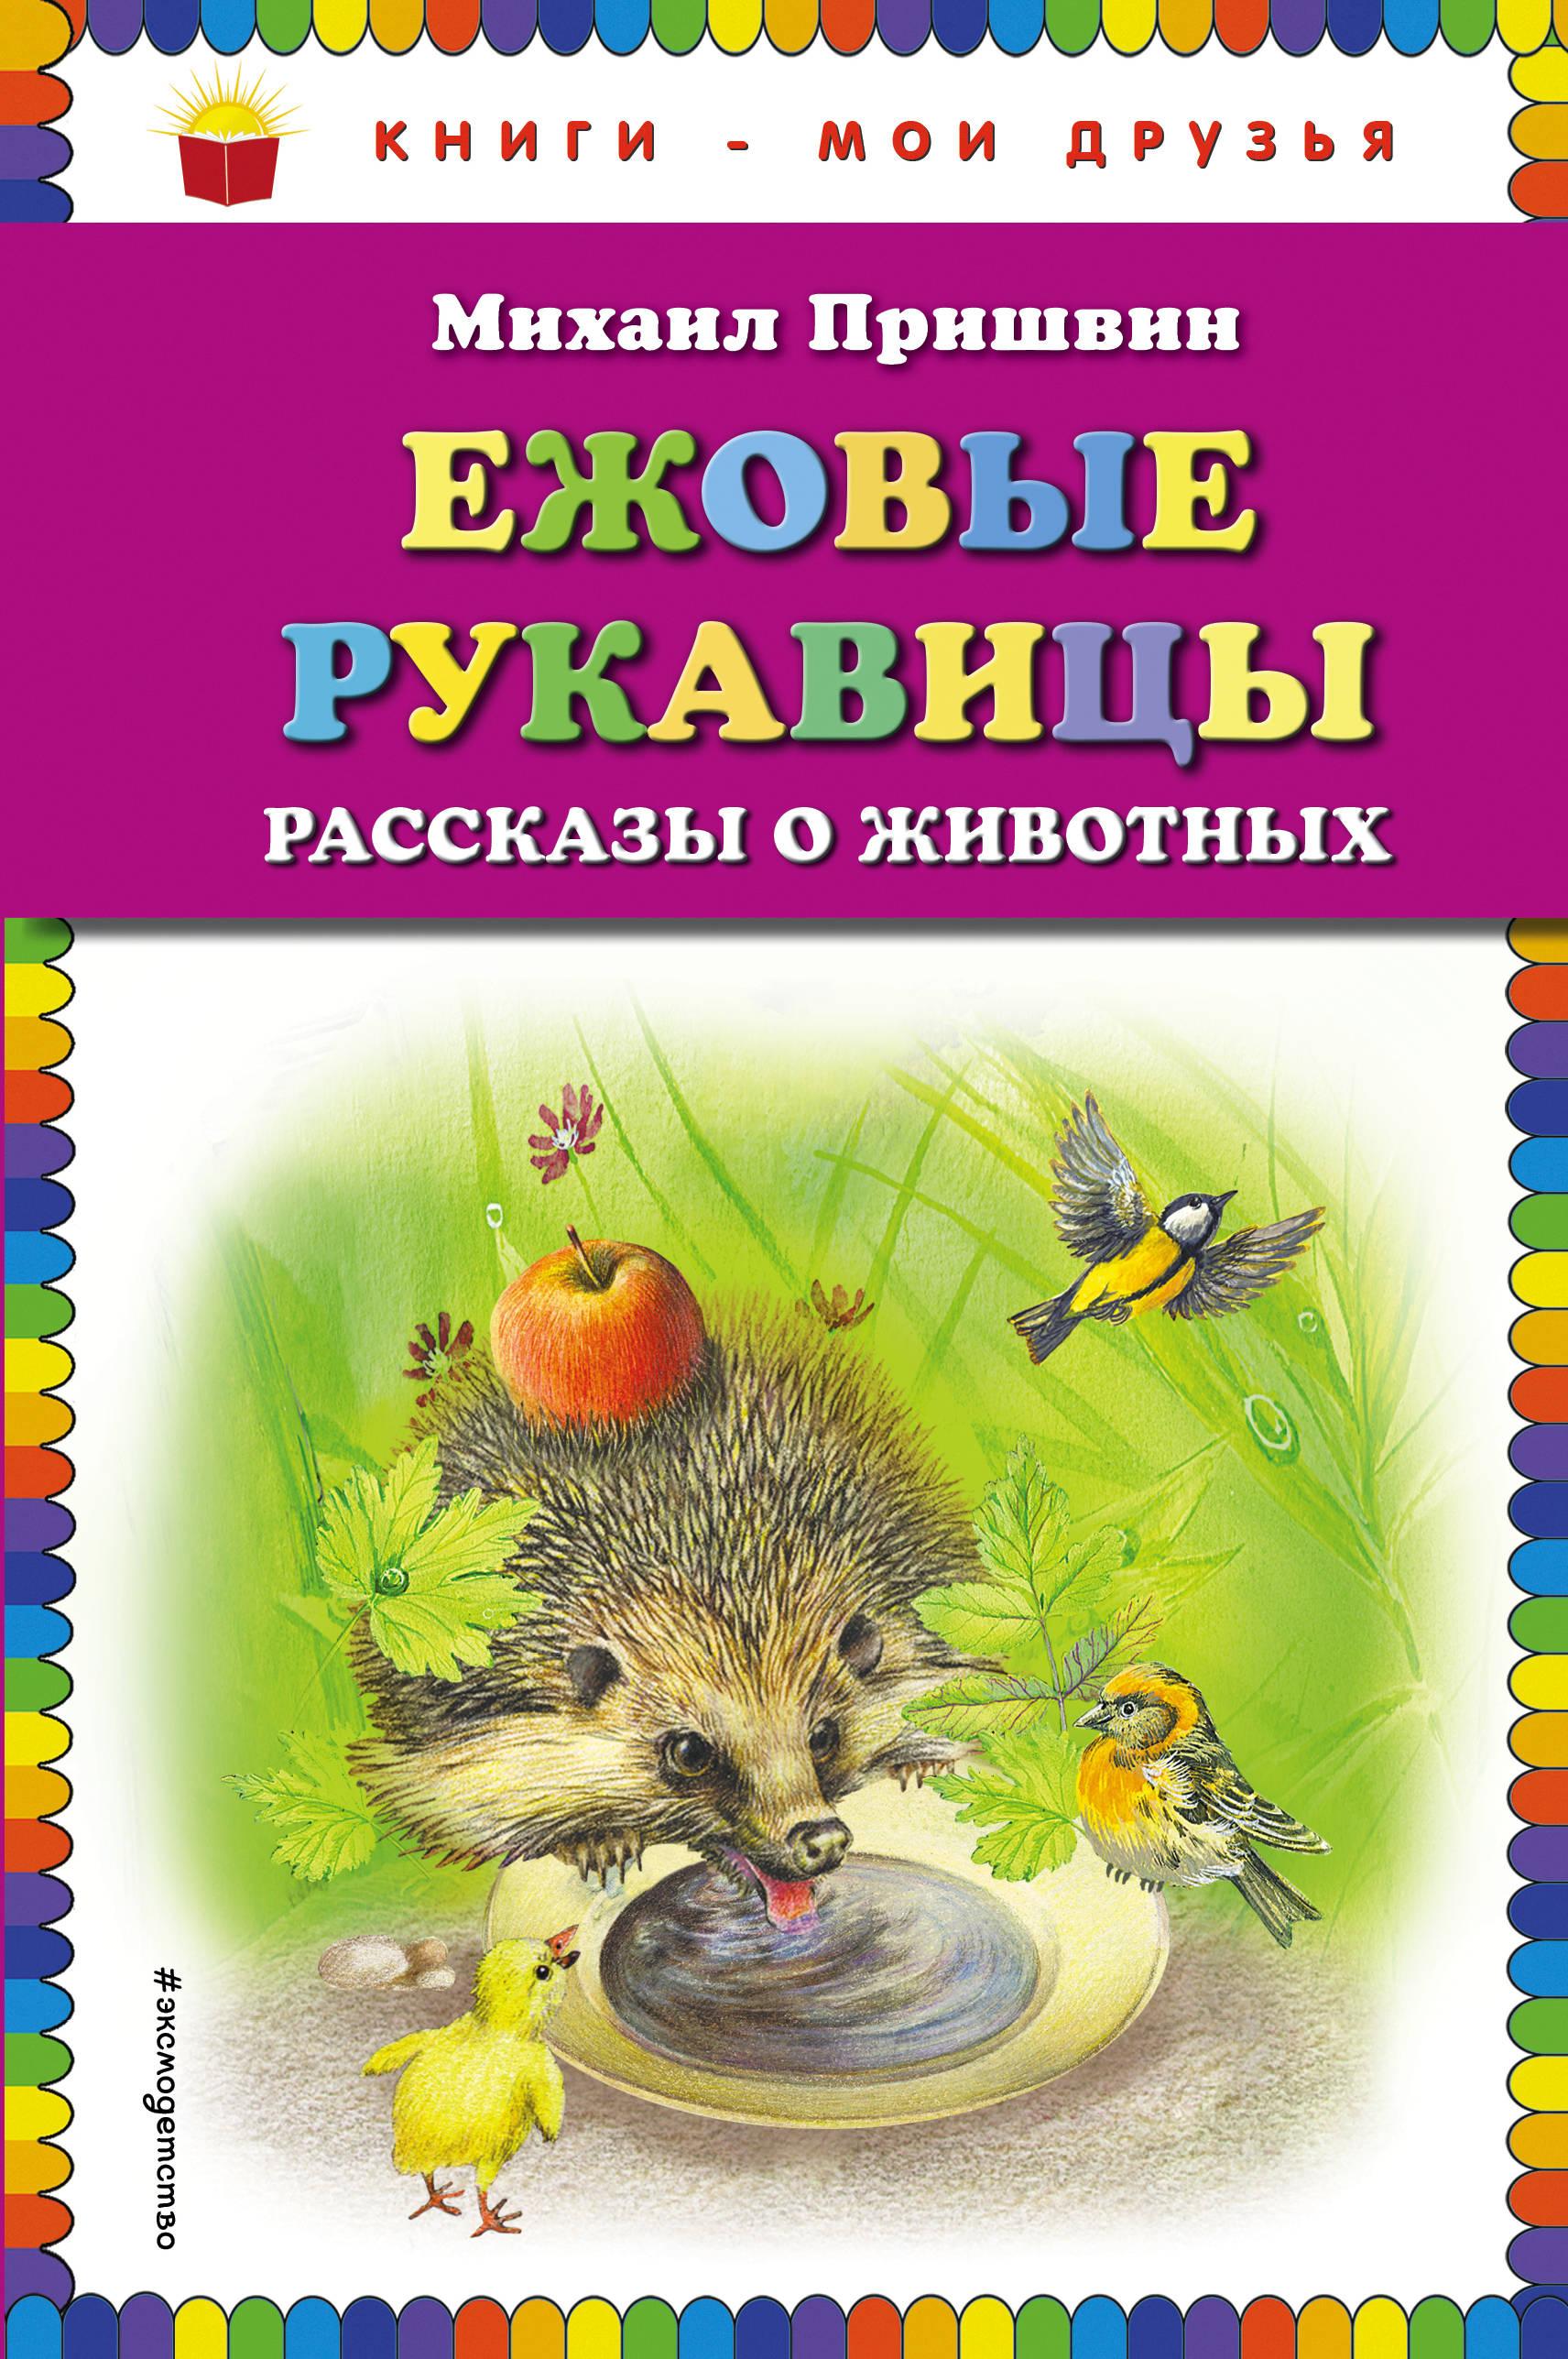 Михаил Пришвин Ежовые рукавицы. Рассказы о животных